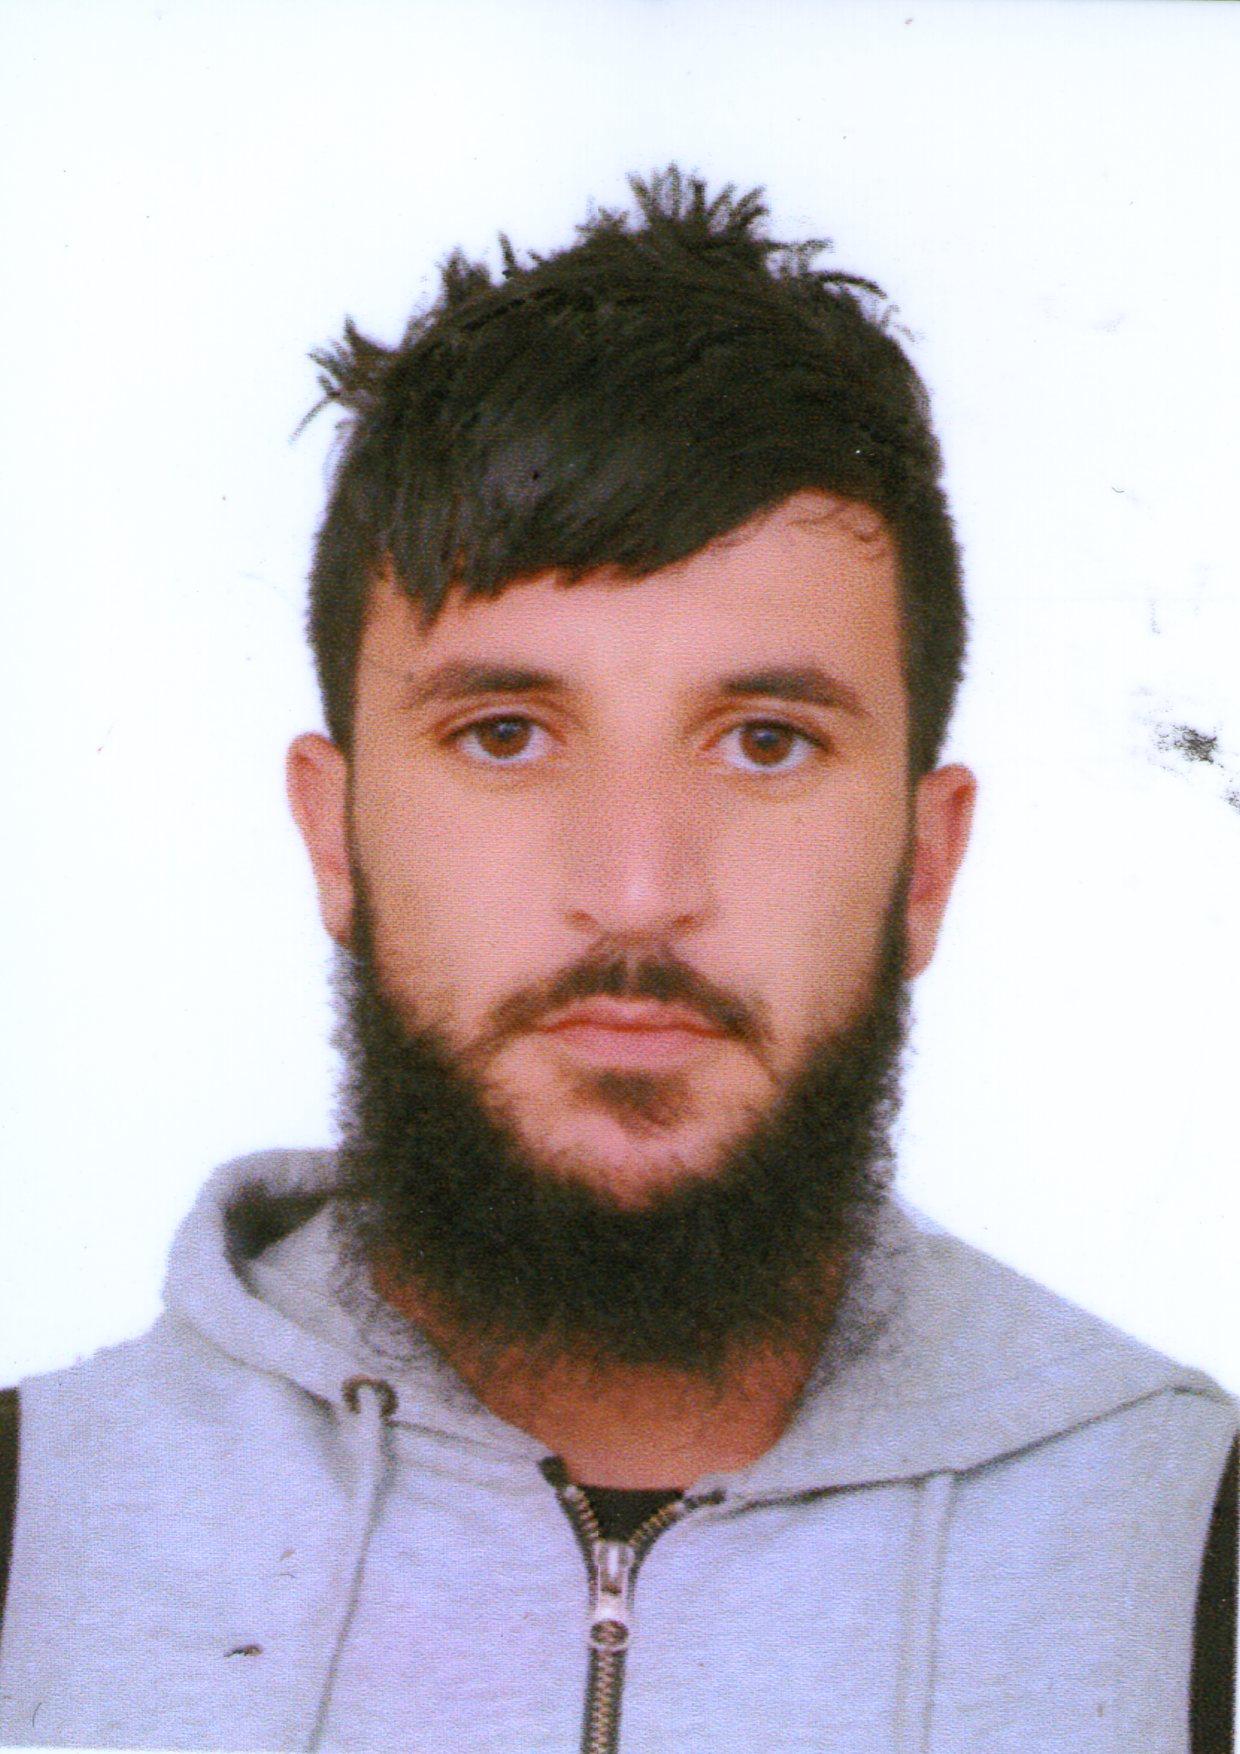 DJENNAH Omar